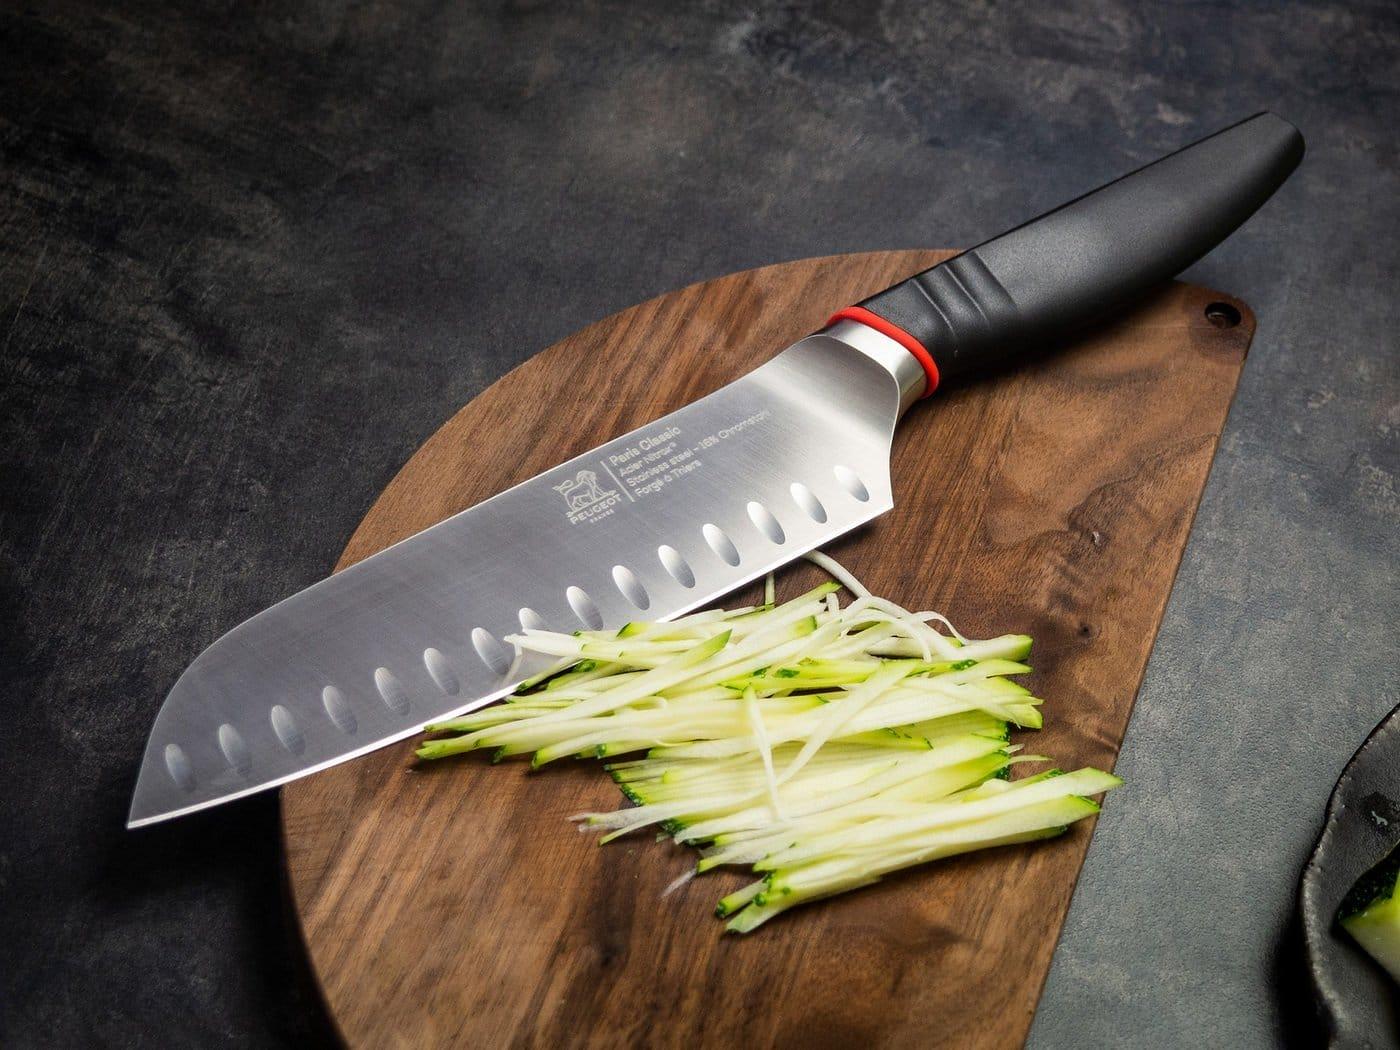 Японські ножі для кухні: особливості, види японських кухонних ножів, матеріали для клинків і рукоятей